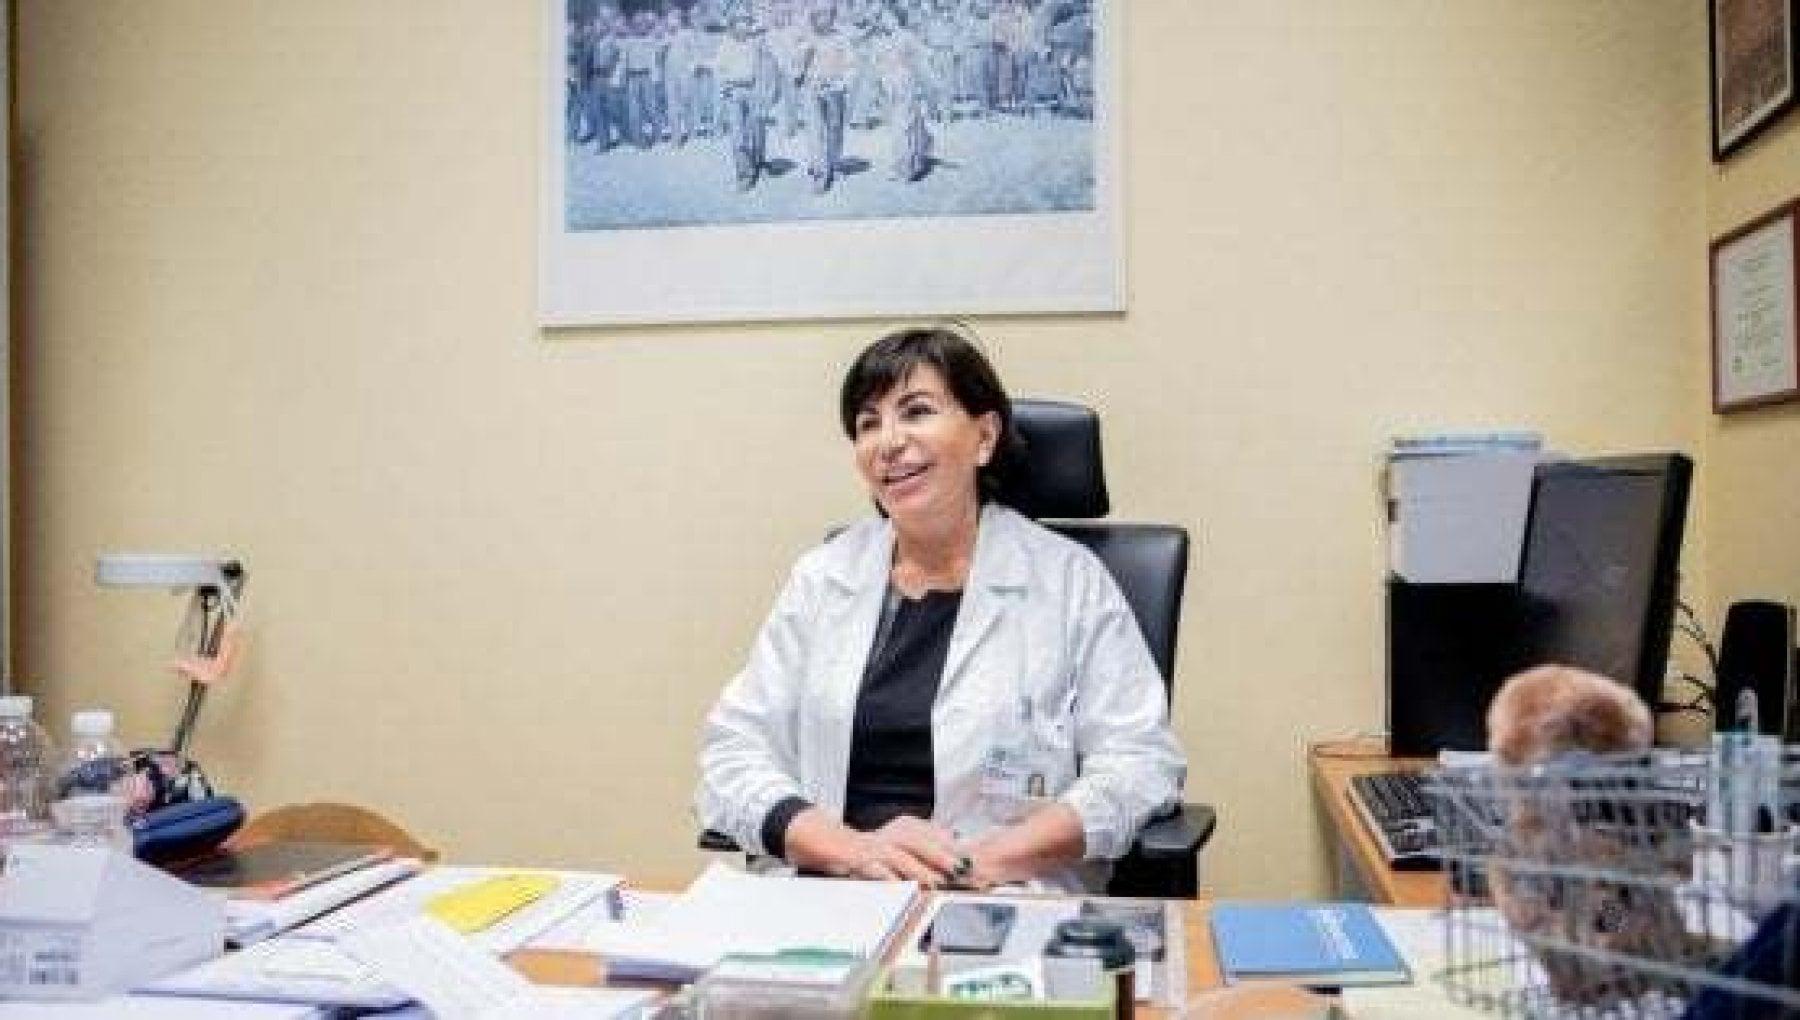 La virologa del Sacco ospite dellultradestra tedesca I dati sul Covid sono falsi